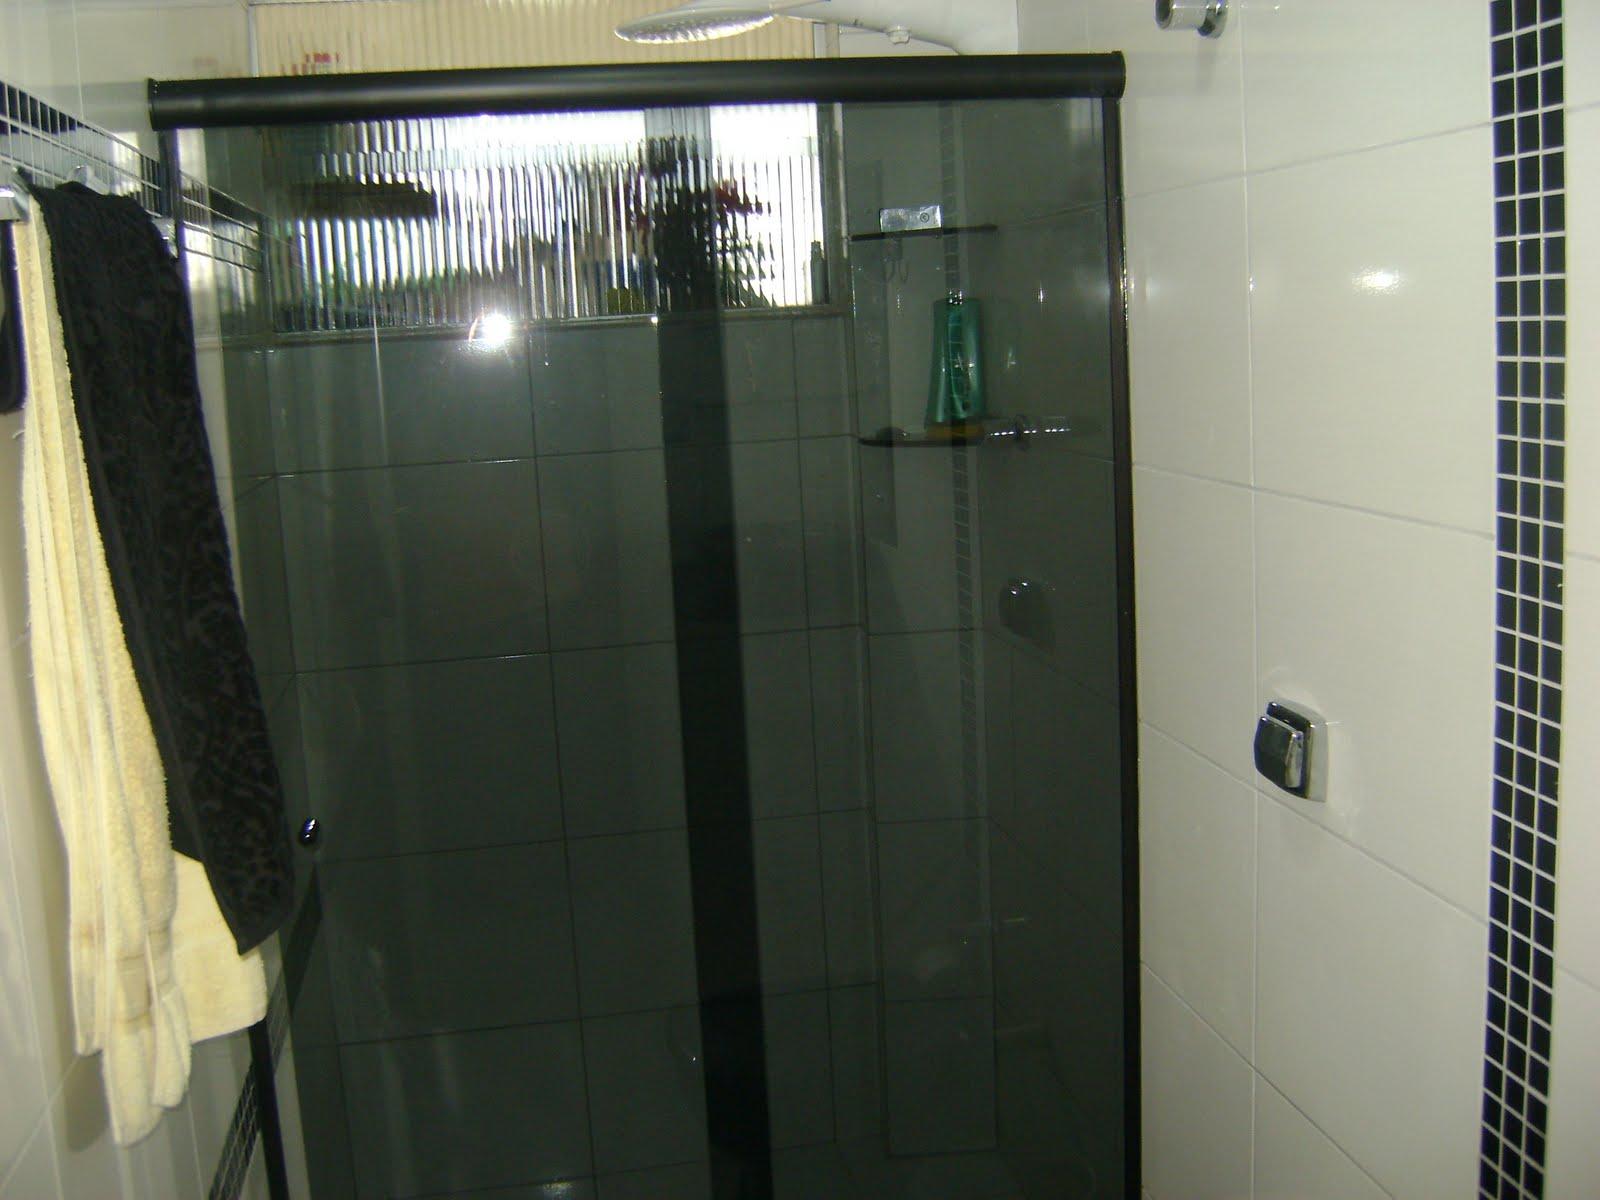 Bazar do Alumínio: BOX BLINDEX PARA BANHEIRO CONFIRA NOSSOS  #7B7850 1600x1200 Banheiro De Blindex